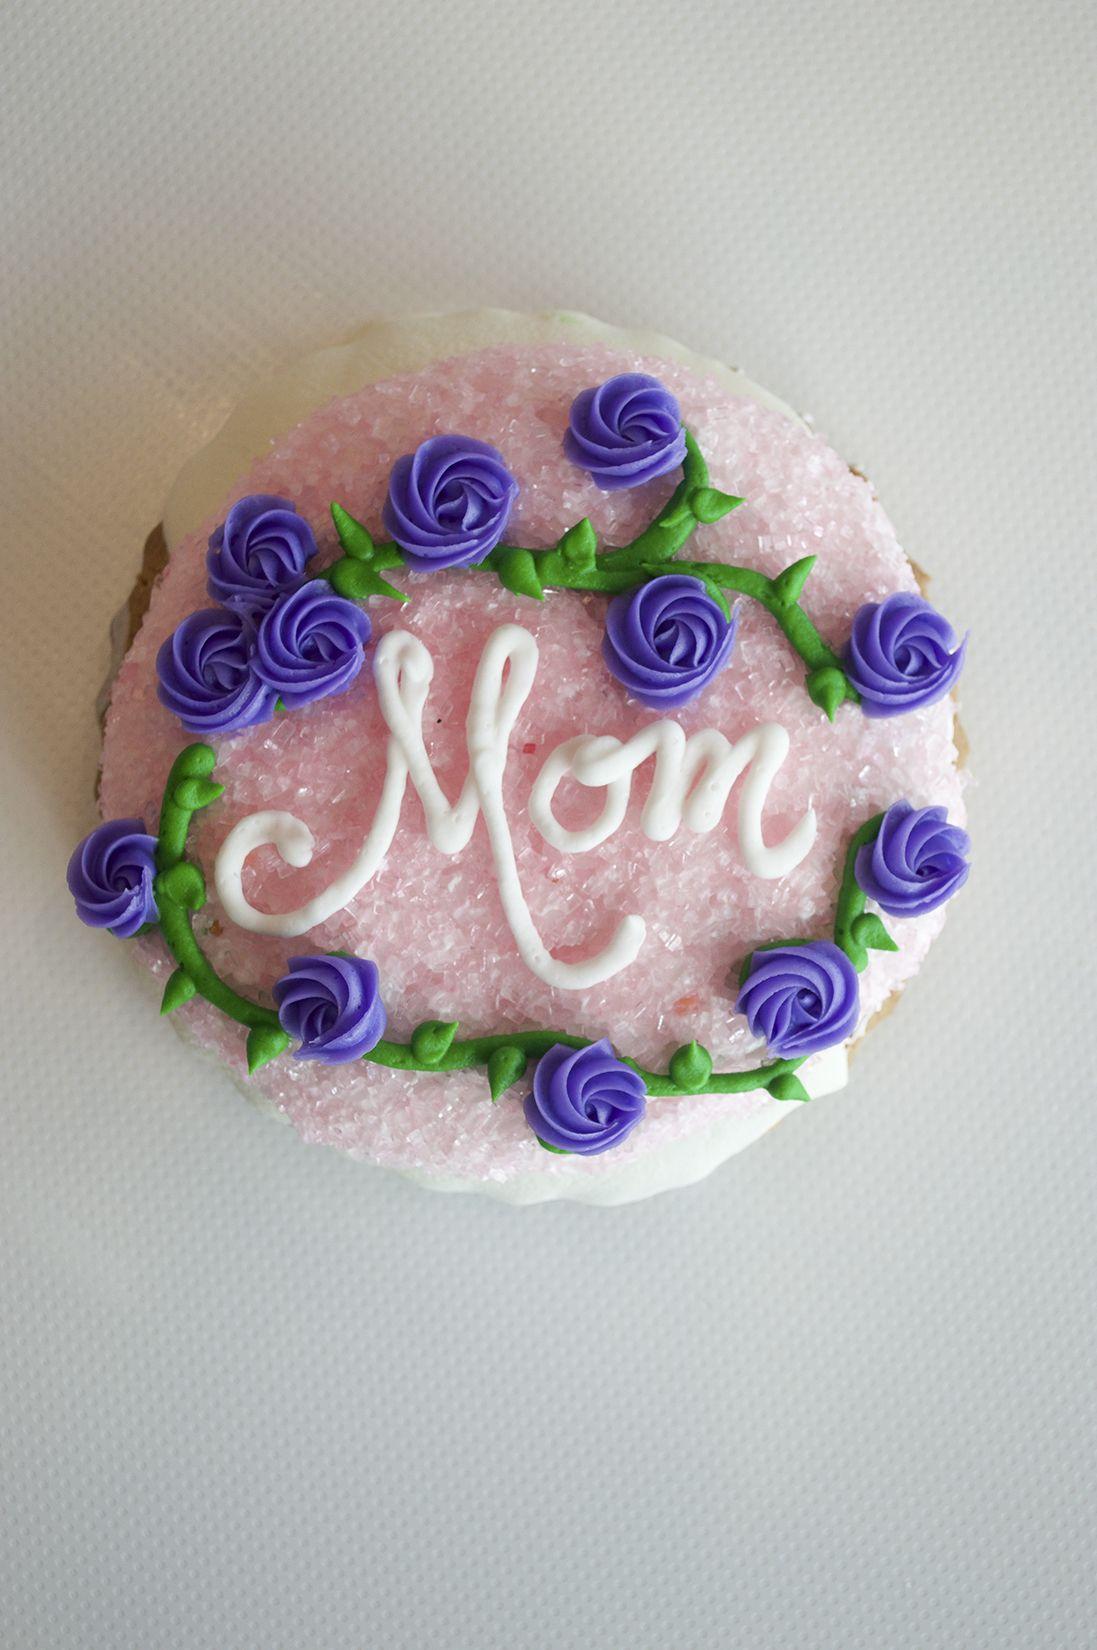 Best bakery in houston tx best bakery cake bakery